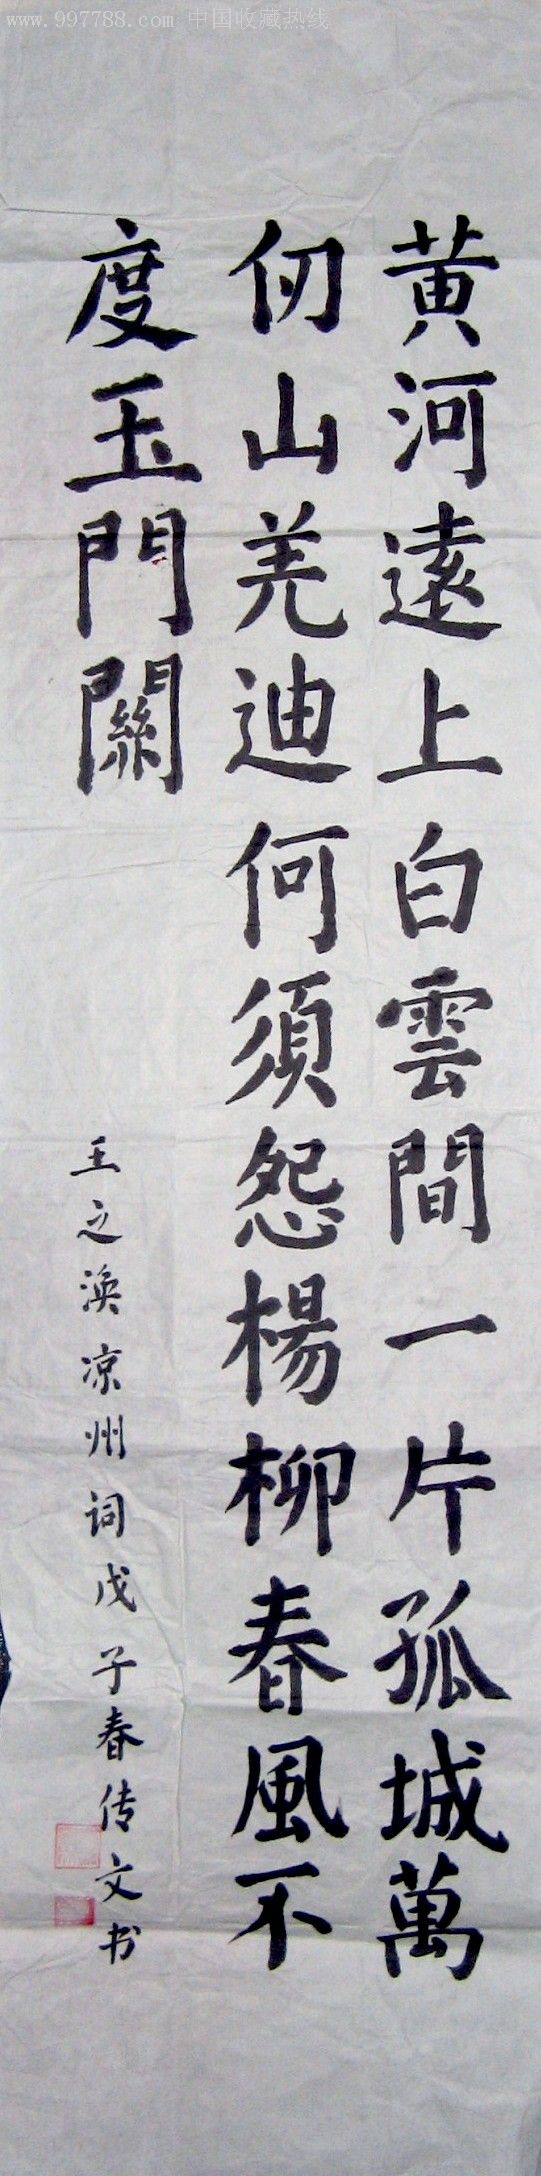 福建知名书法家四尺开二楷书录唐王之涣诗《凉州词》图片